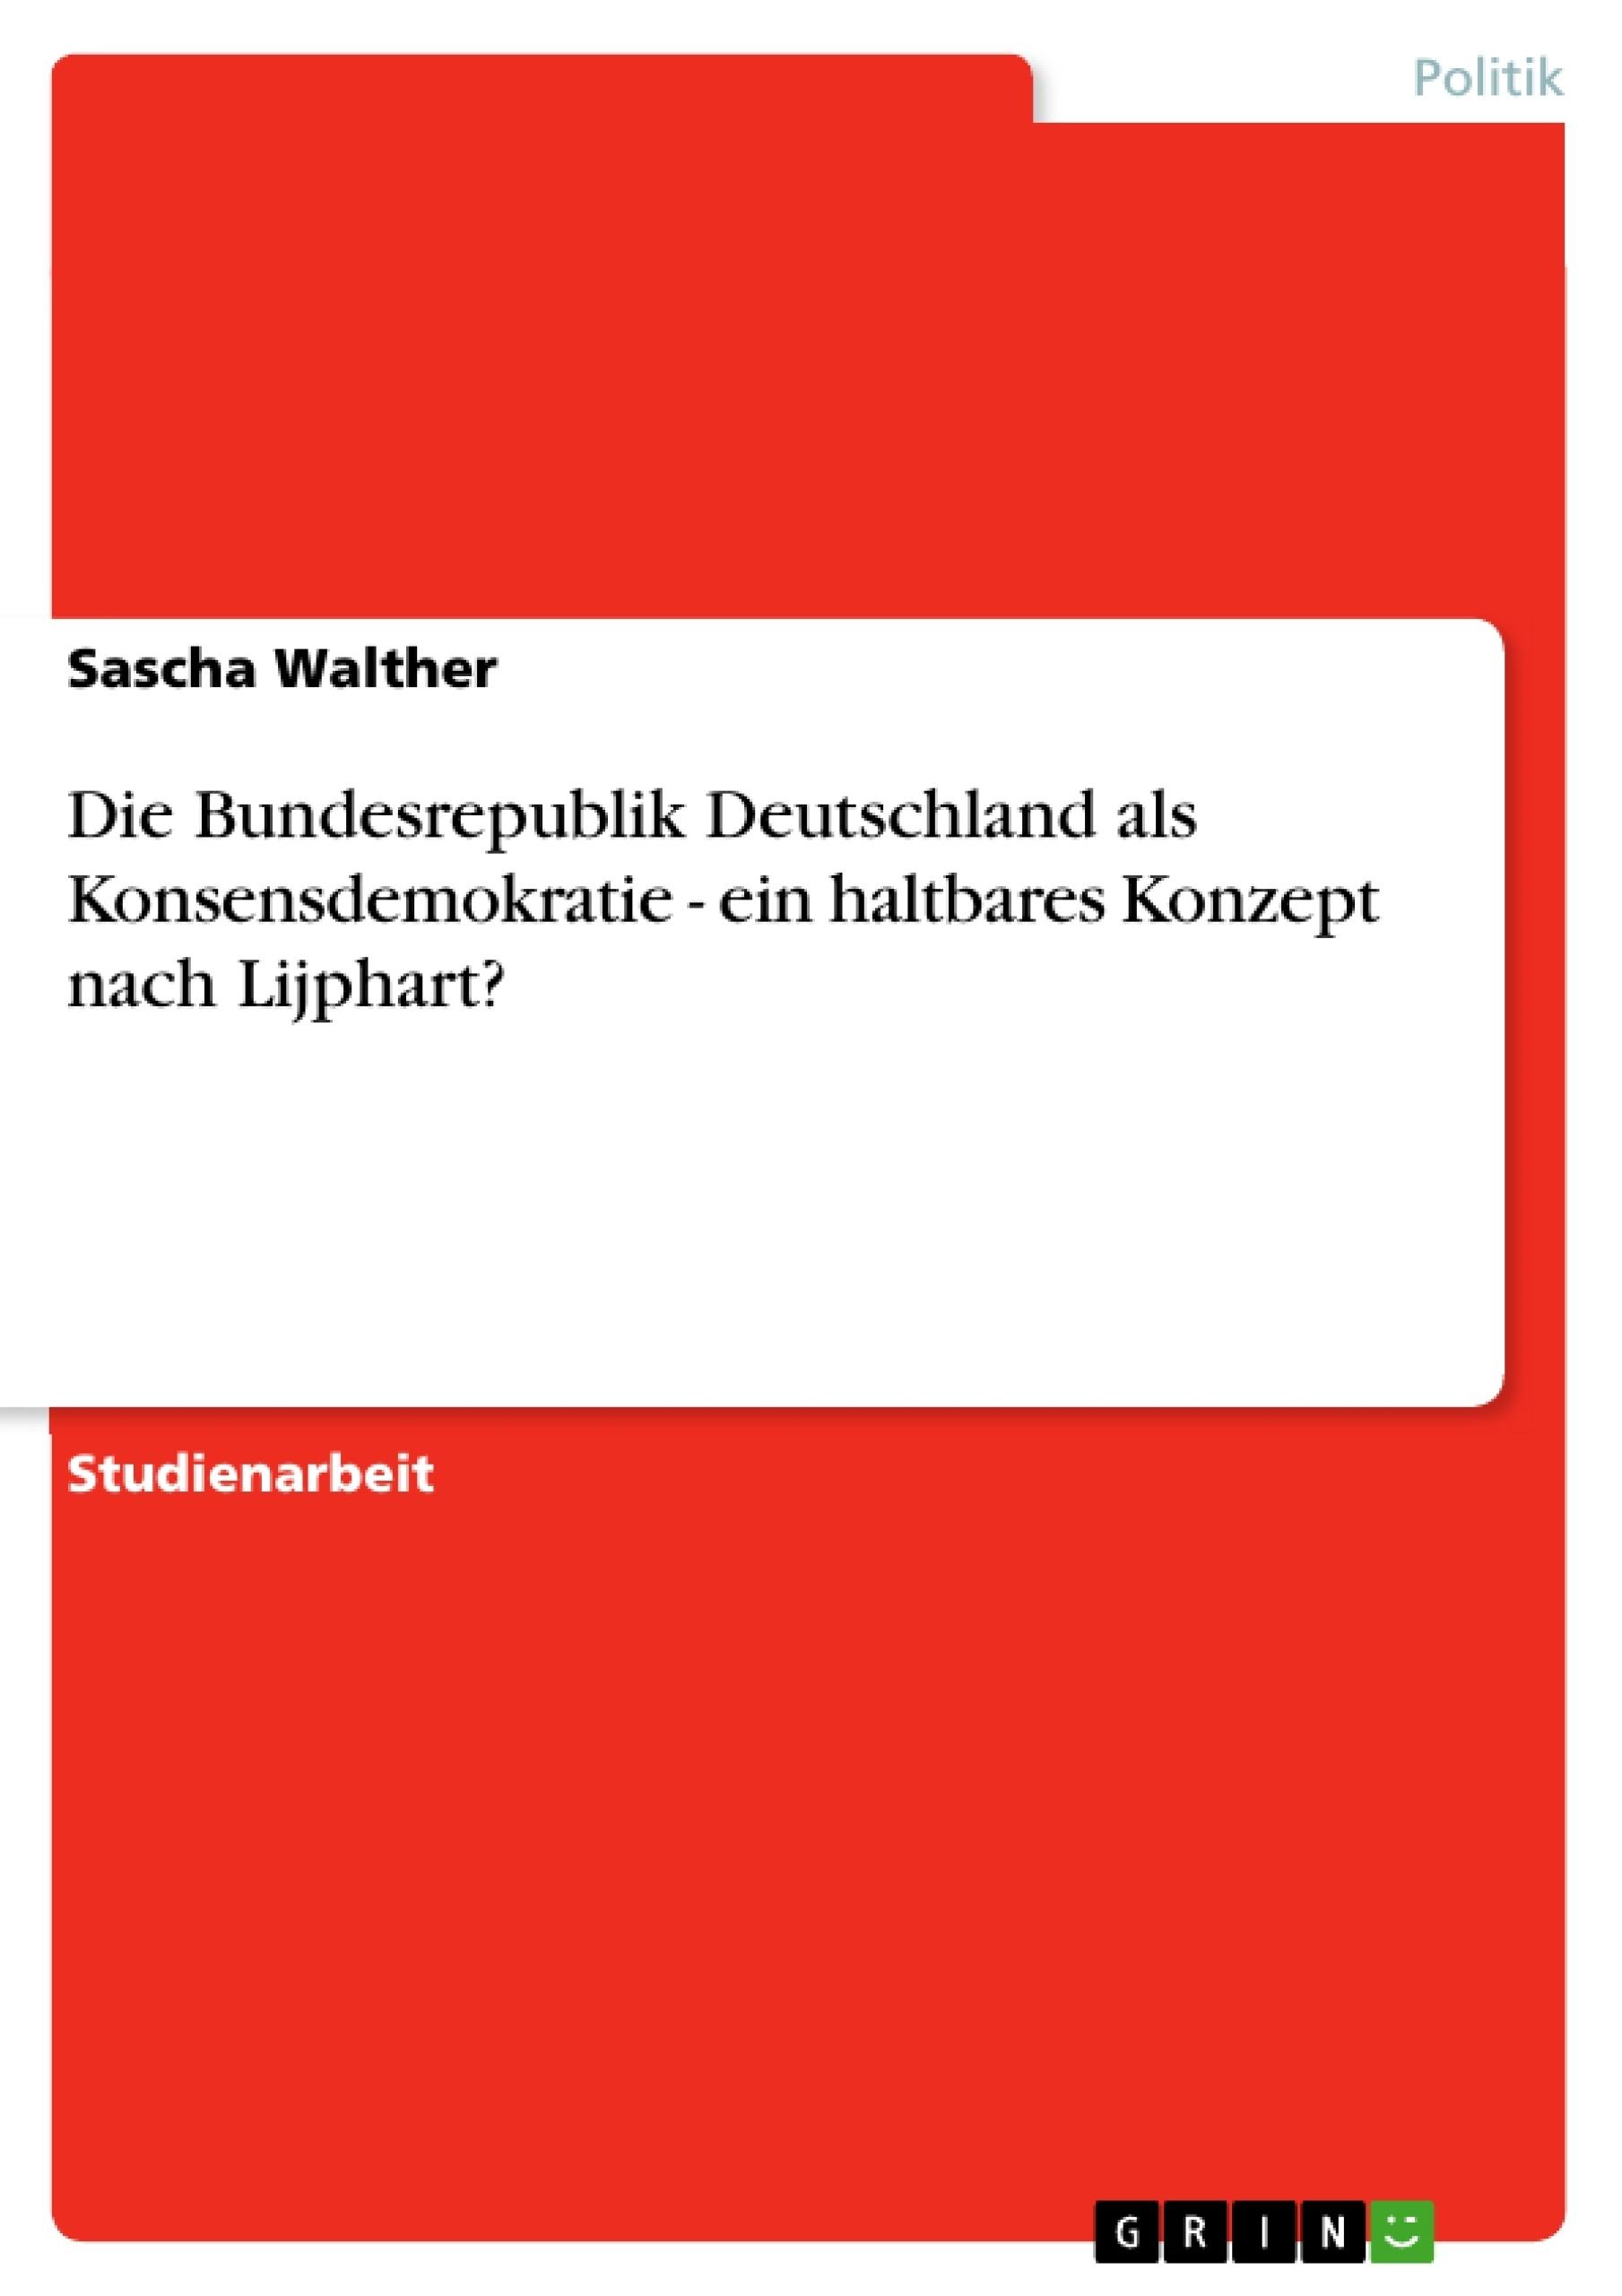 Titel: Die Bundesrepublik Deutschland als Konsensdemokratie - ein haltbares Konzept nach Lijphart?